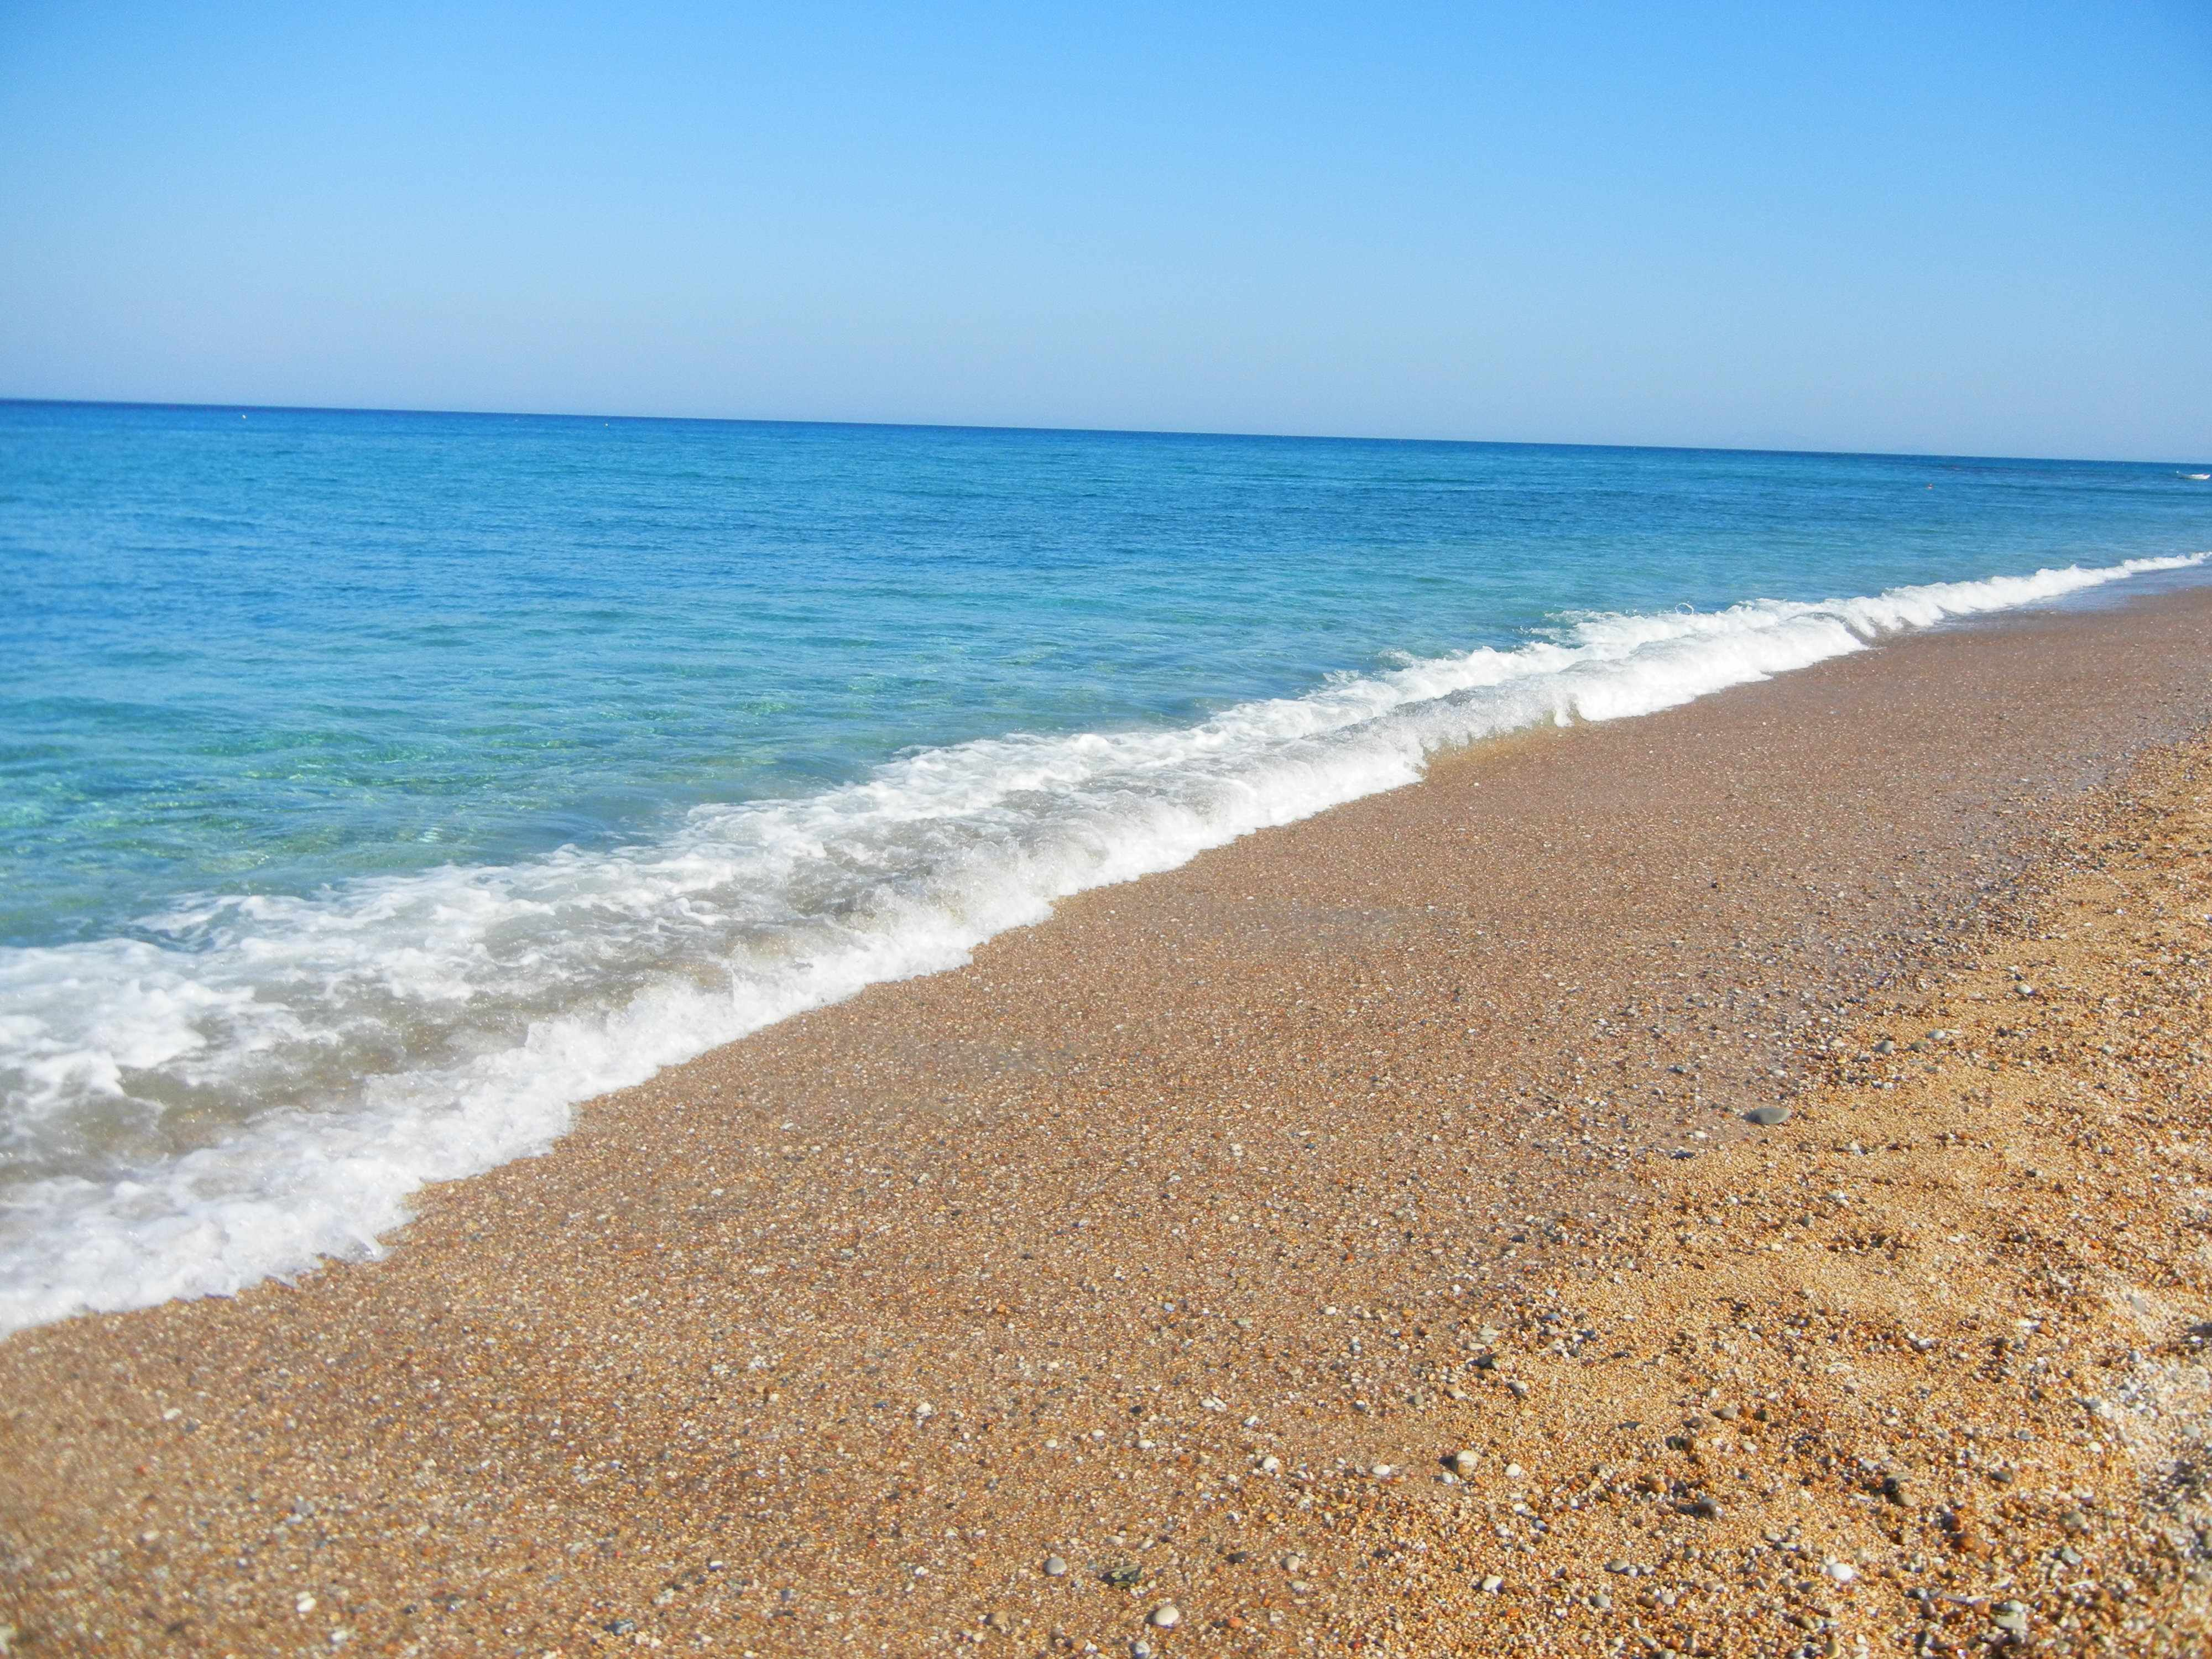 La mia vacanza a Cefalonia: consigli su cosa vedere e cosa ...